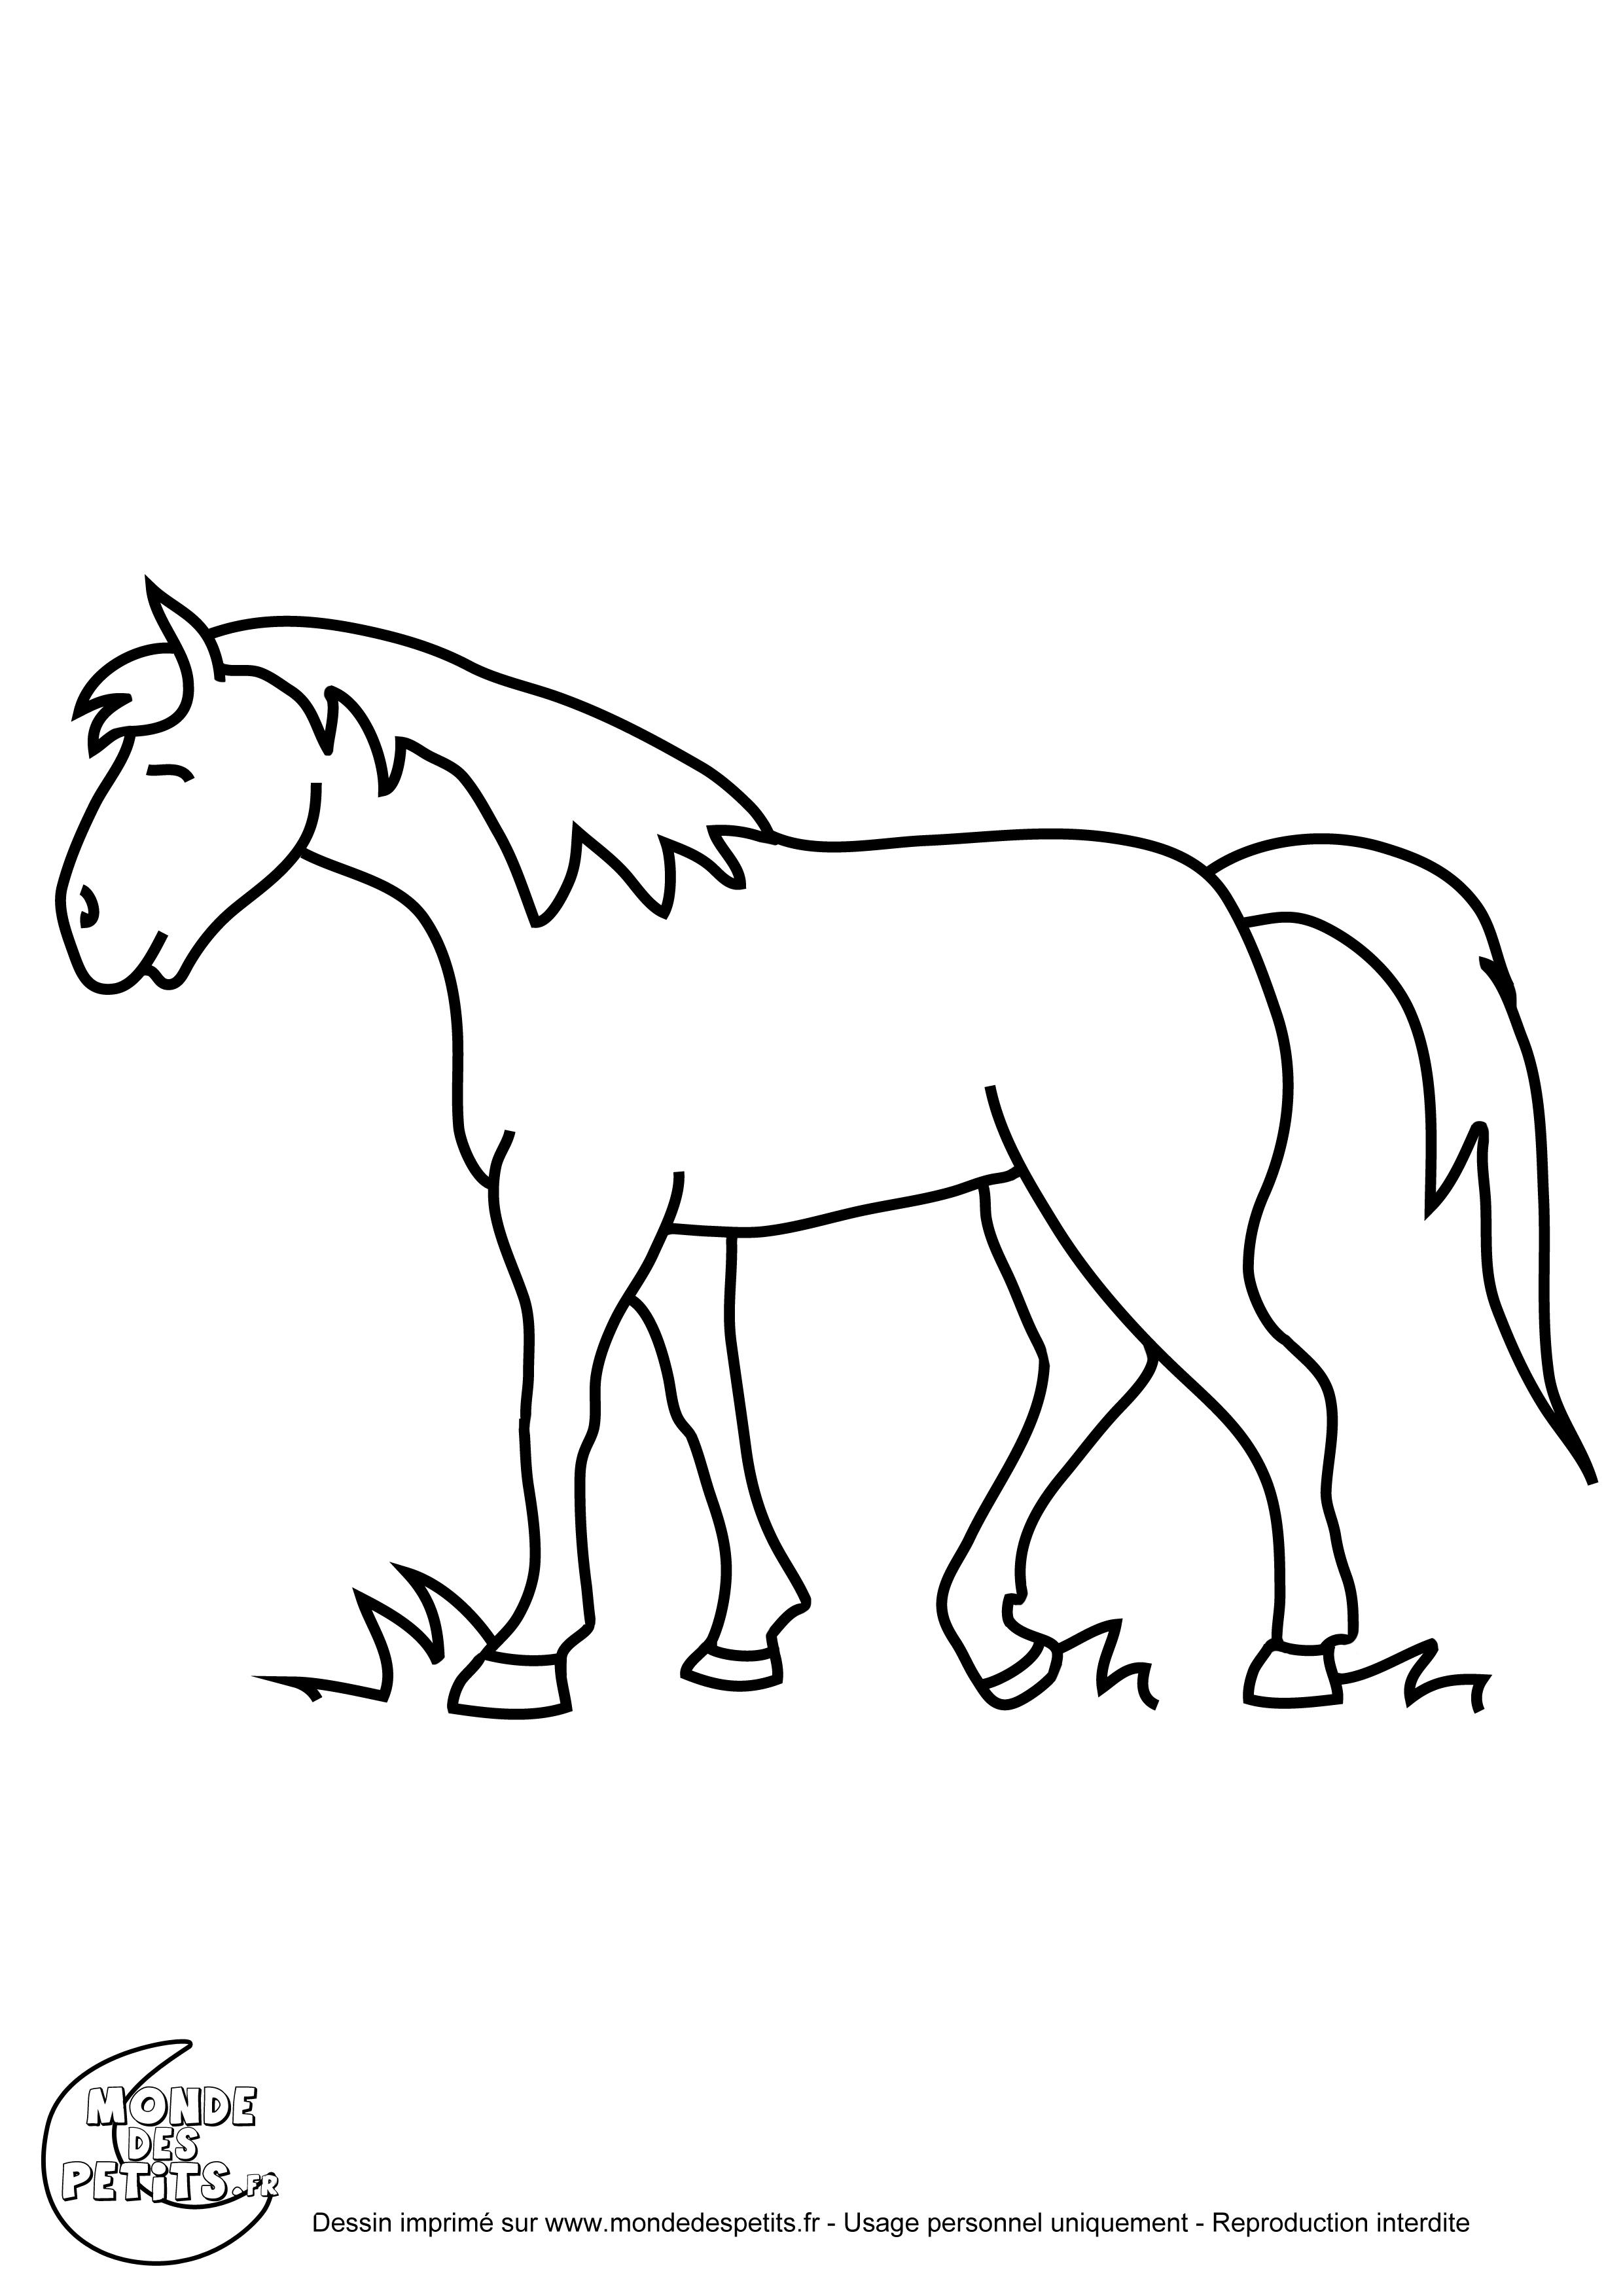 Monde des petits coloriages imprimer - Dessins de chevaux facile ...